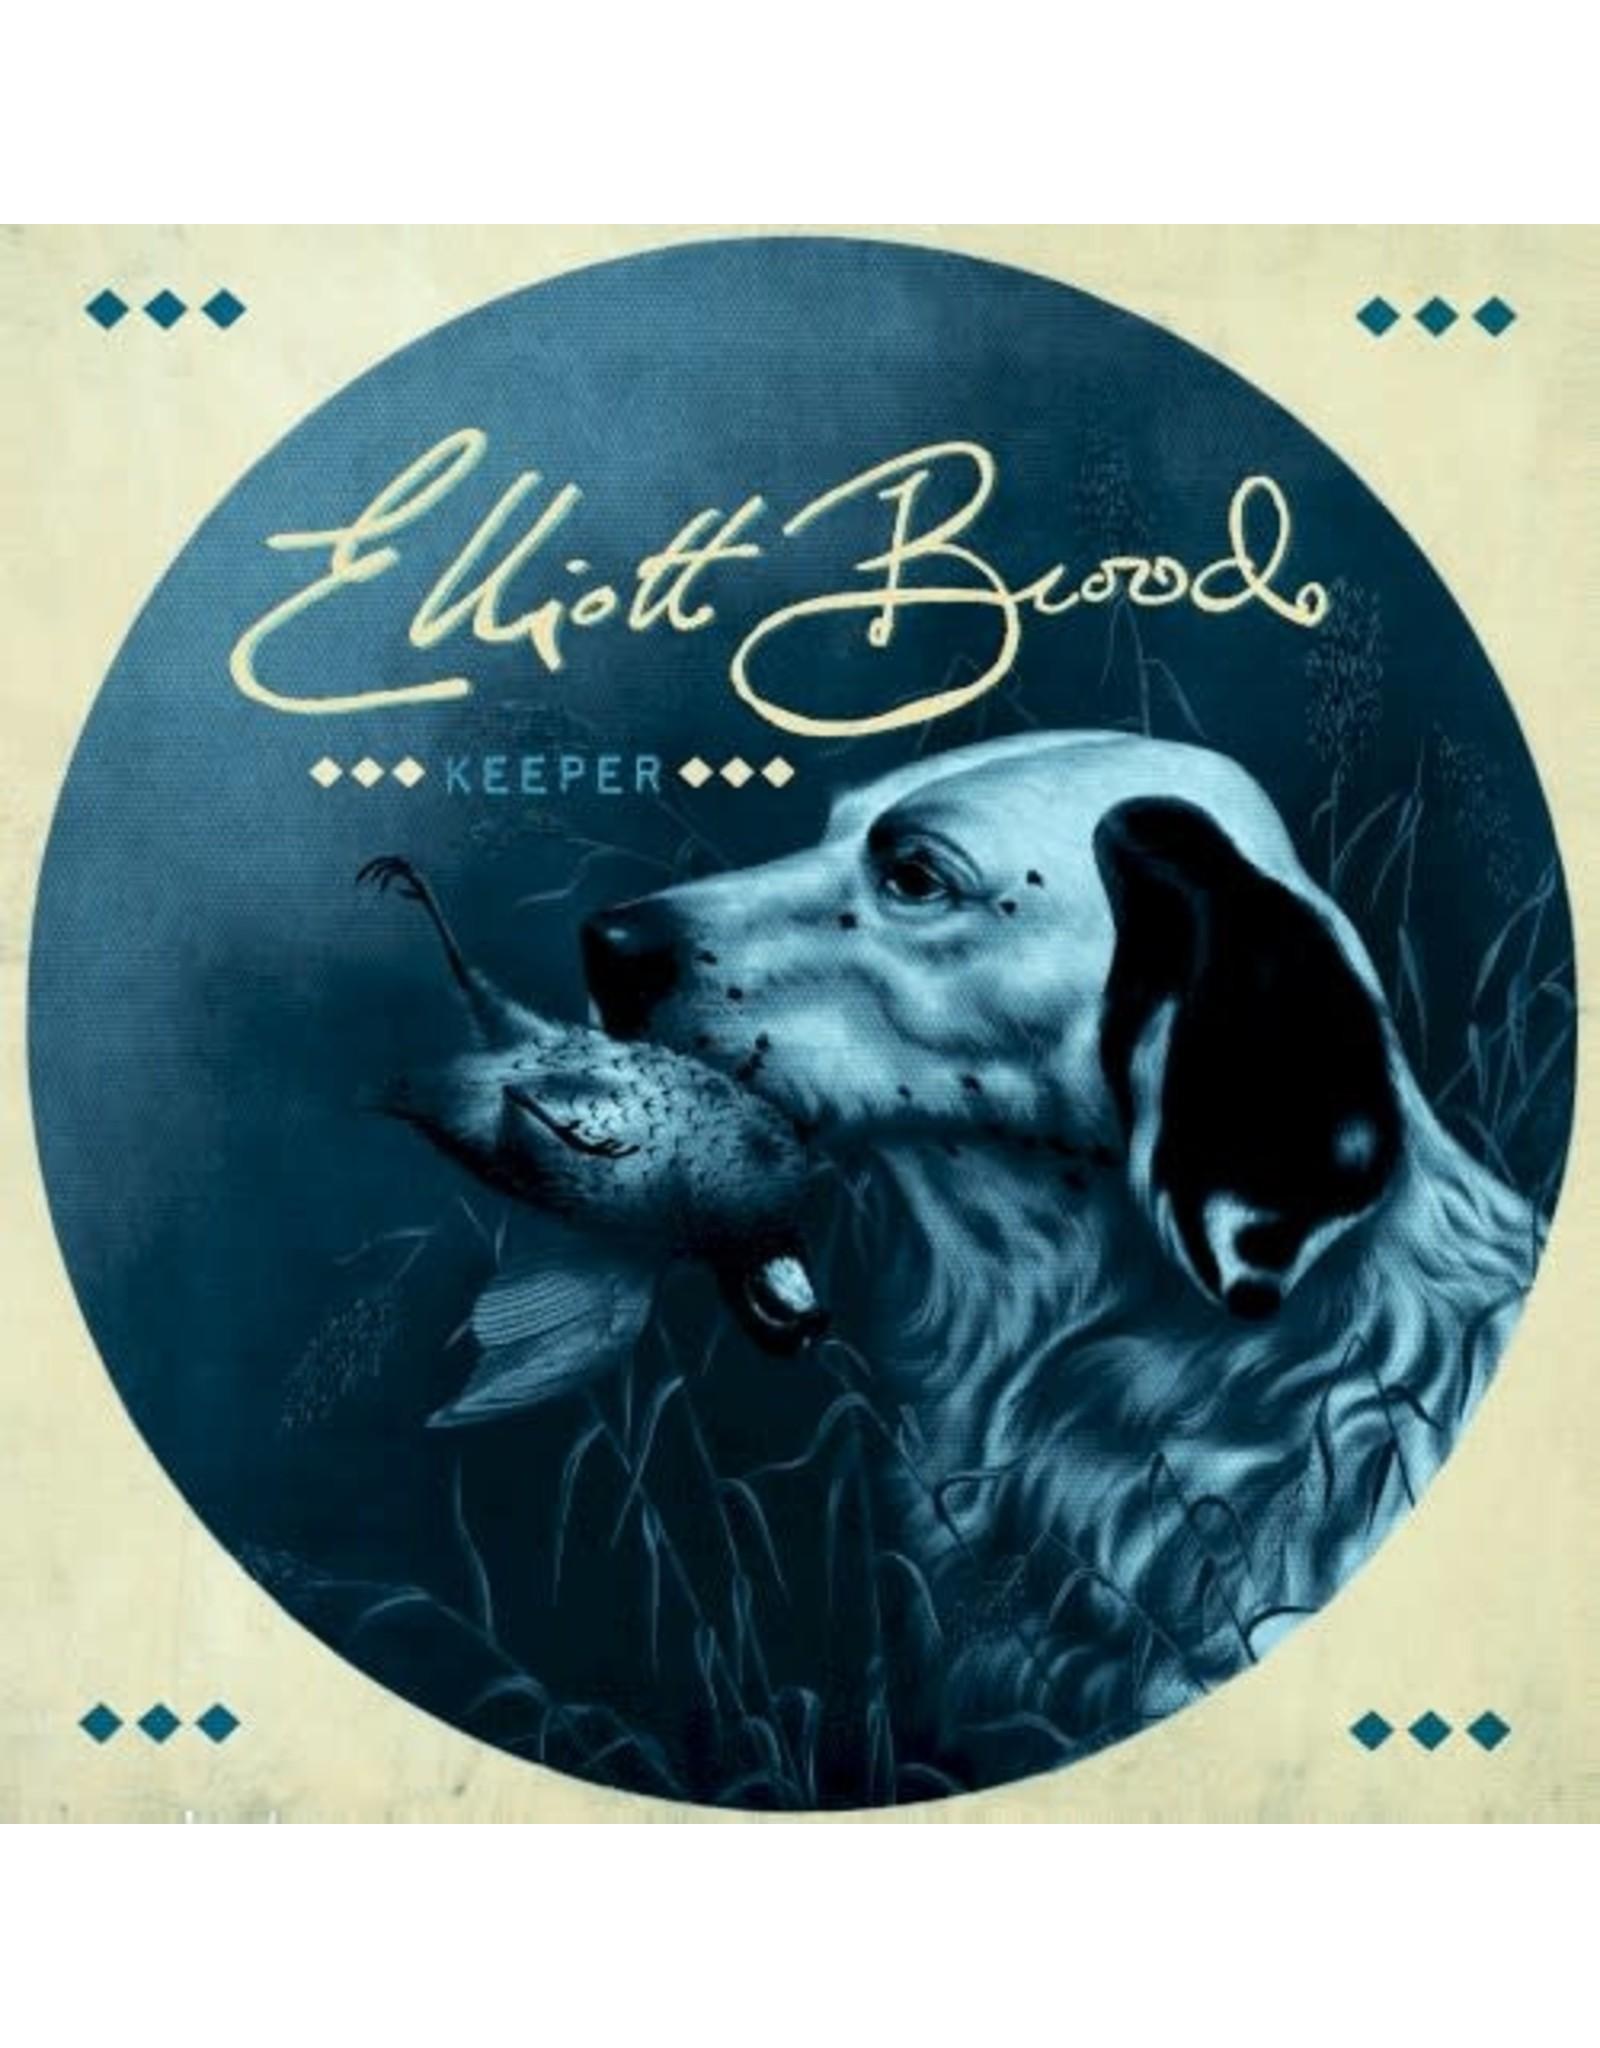 Elliott Brood - Keeper CD